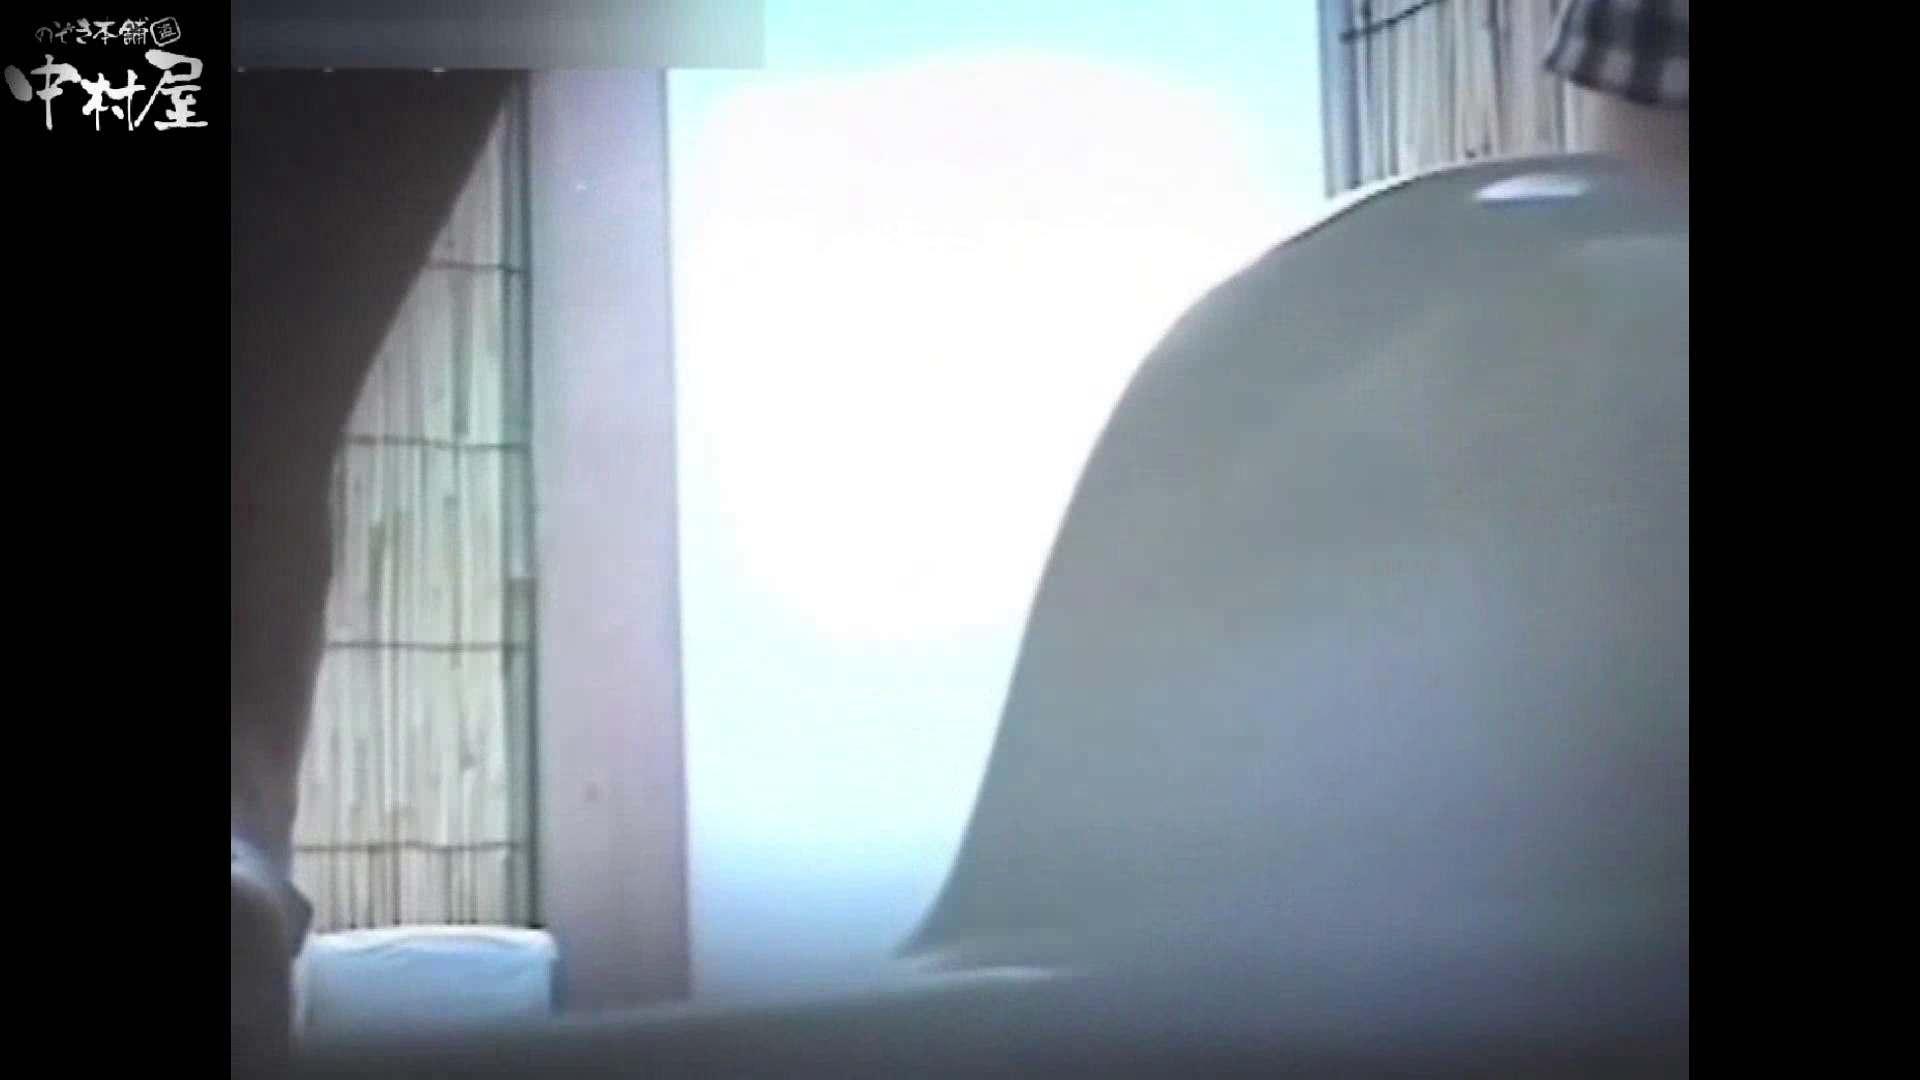 解禁!海の家4カメ洗面所vol.54 人気シリーズ われめAV動画紹介 87PIX 86